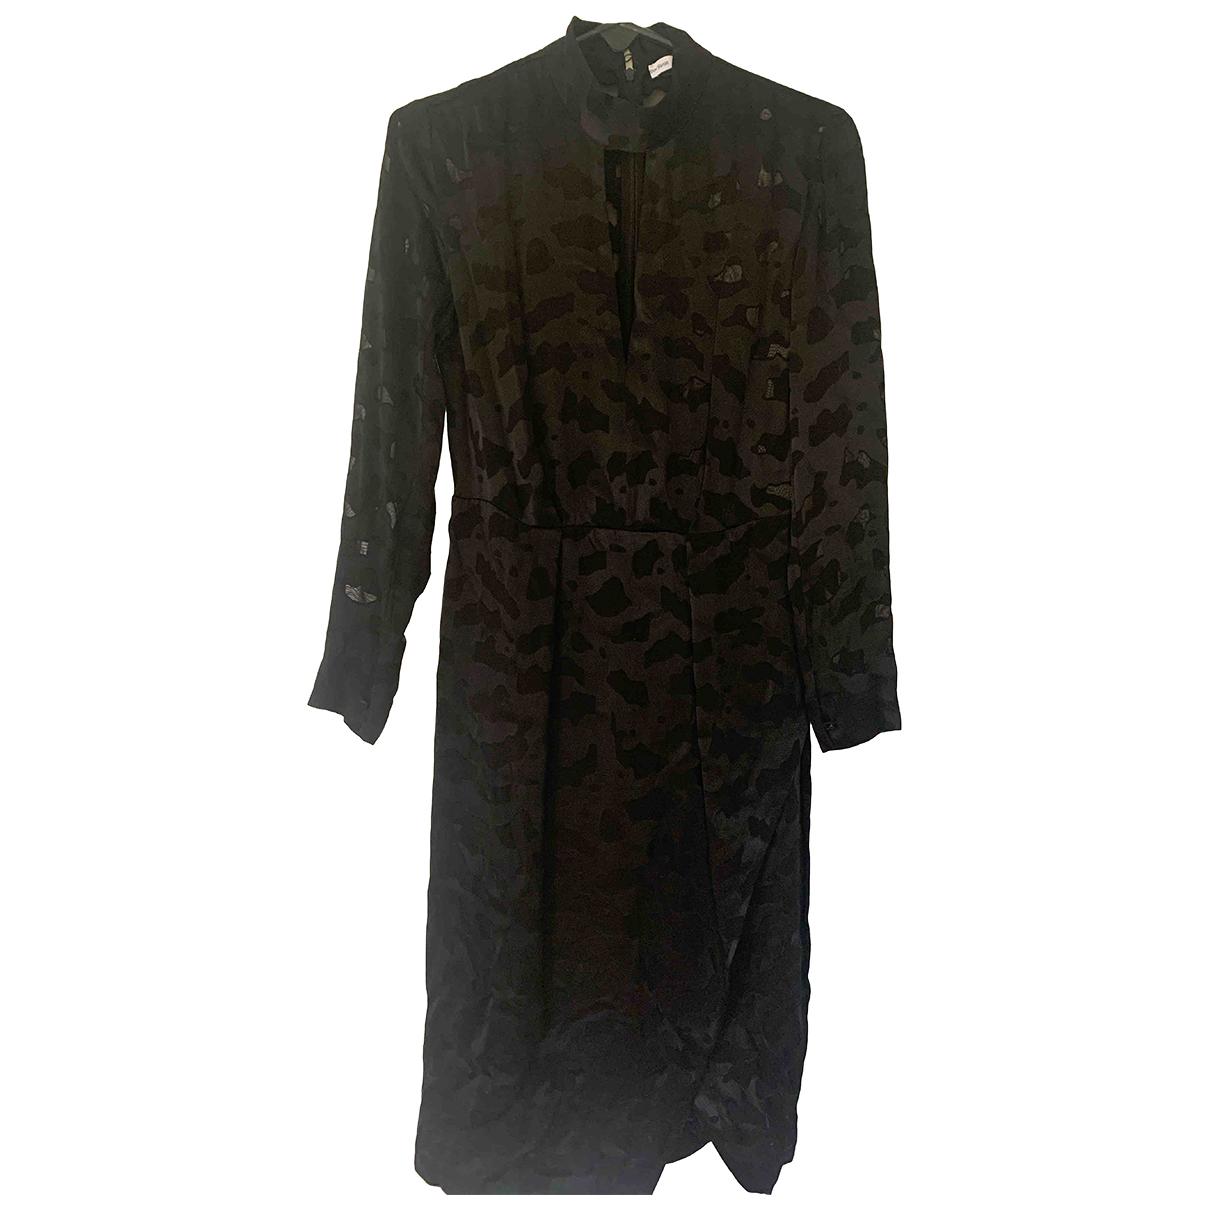 & Stories N Black dress for Women 38 FR